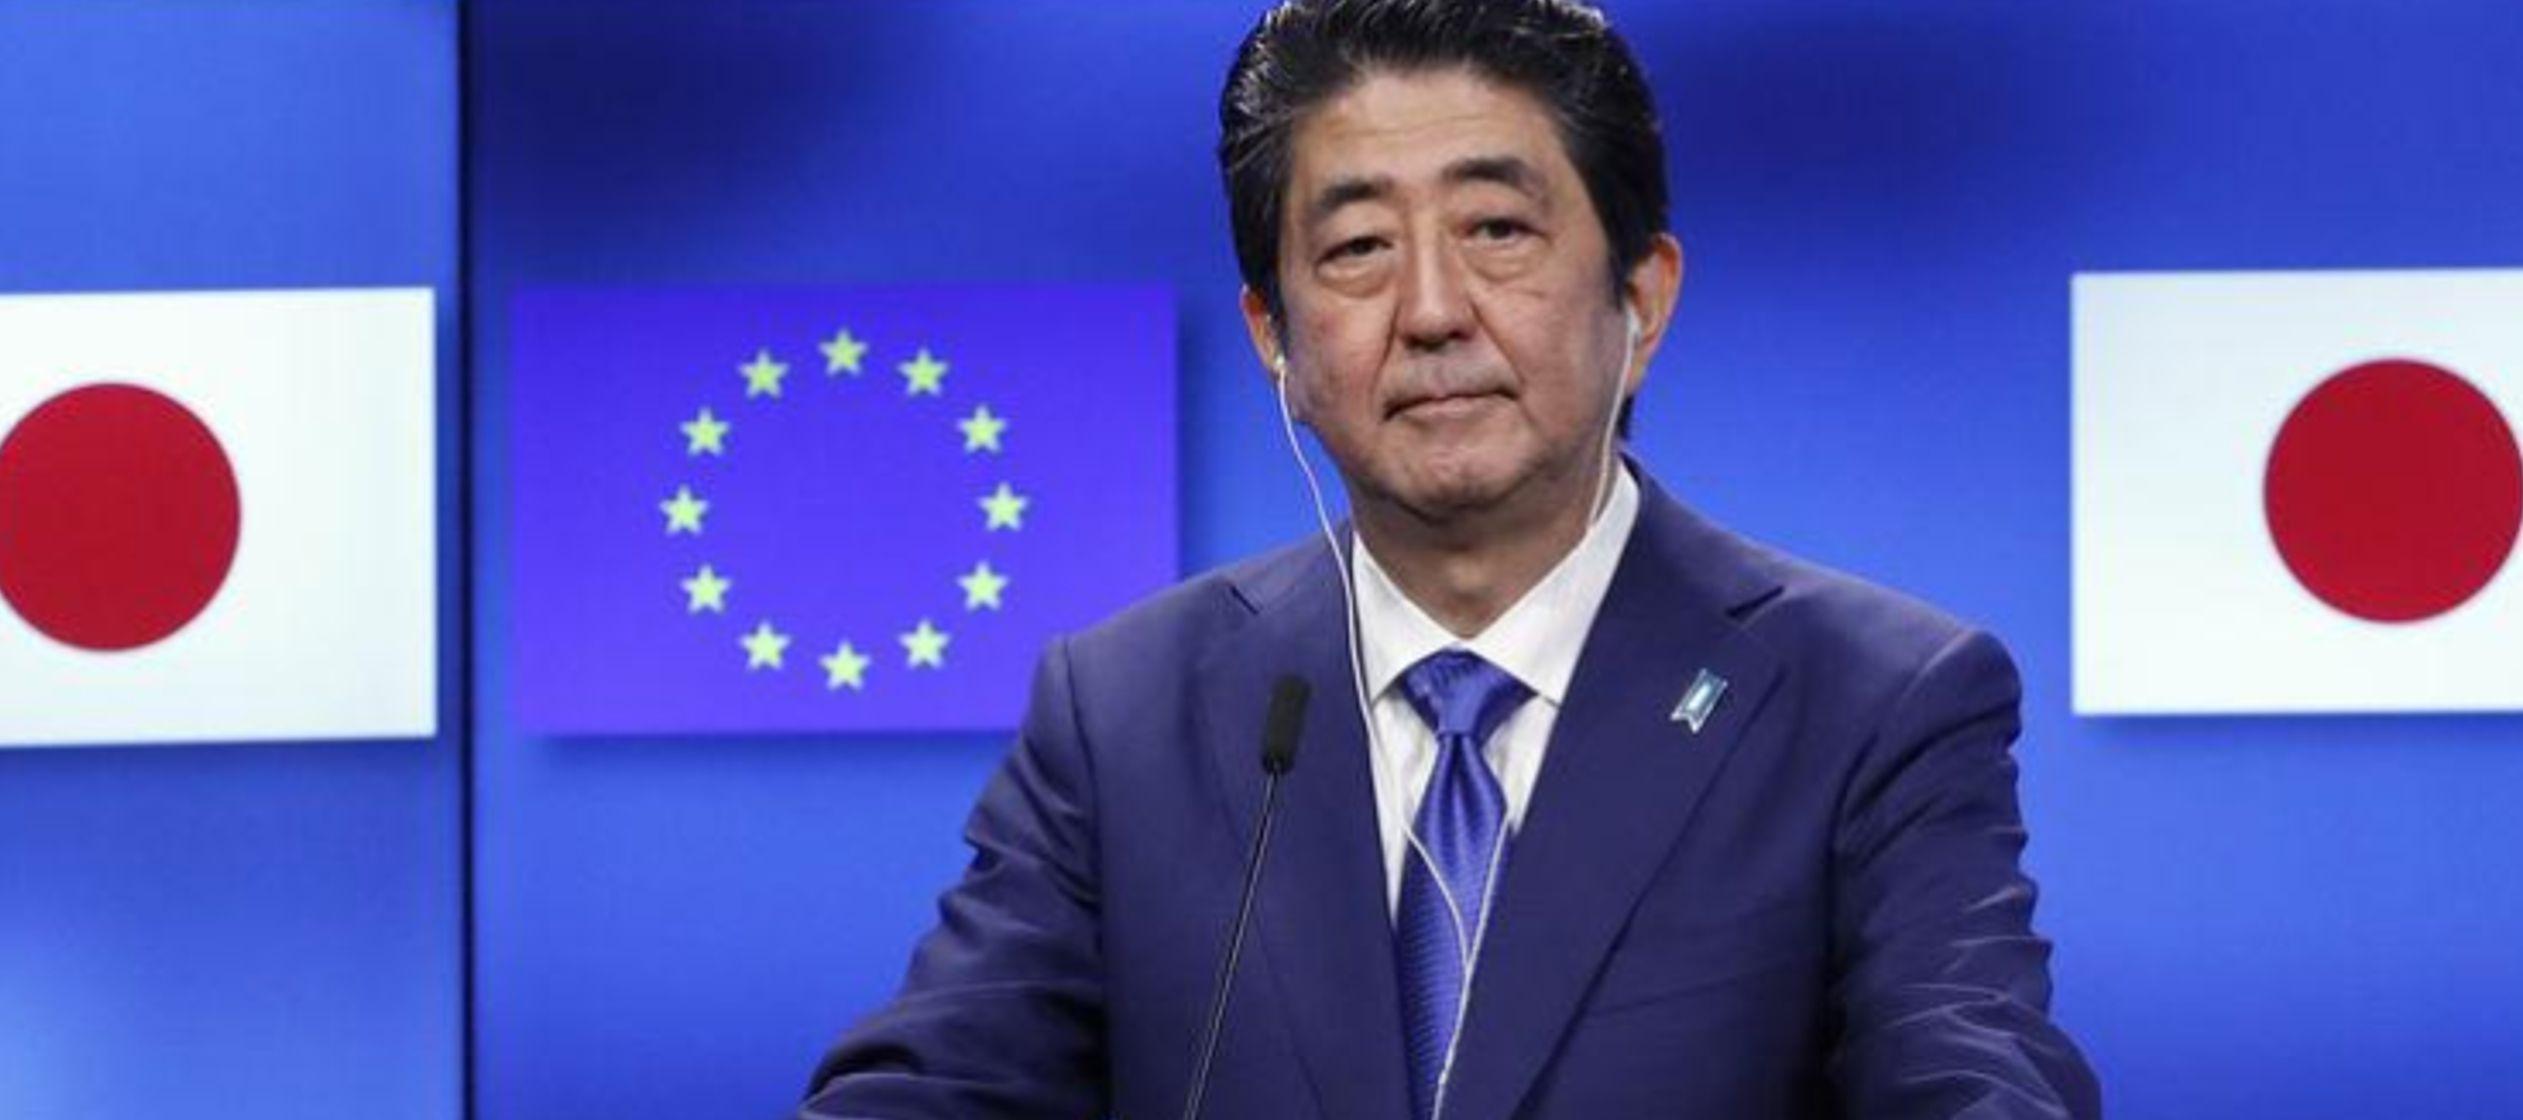 Acuerdo comercial de UE y Japón entrará en vigor a comienzos de 2019